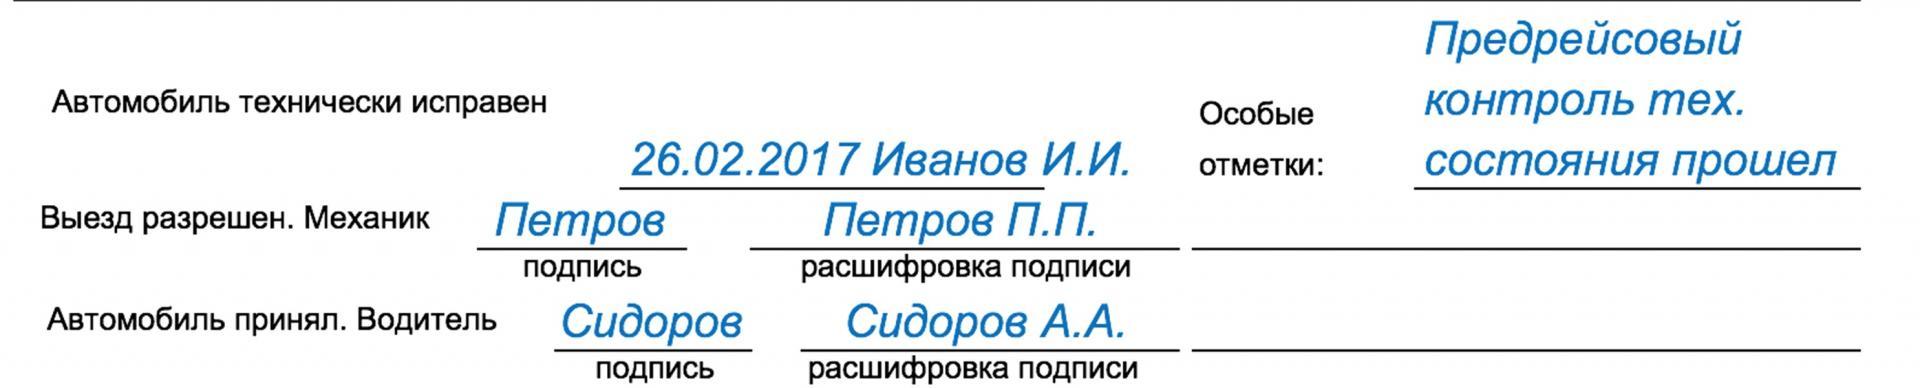 Регистрация ип без печати регистрация ип в перми госпошлина реквизиты